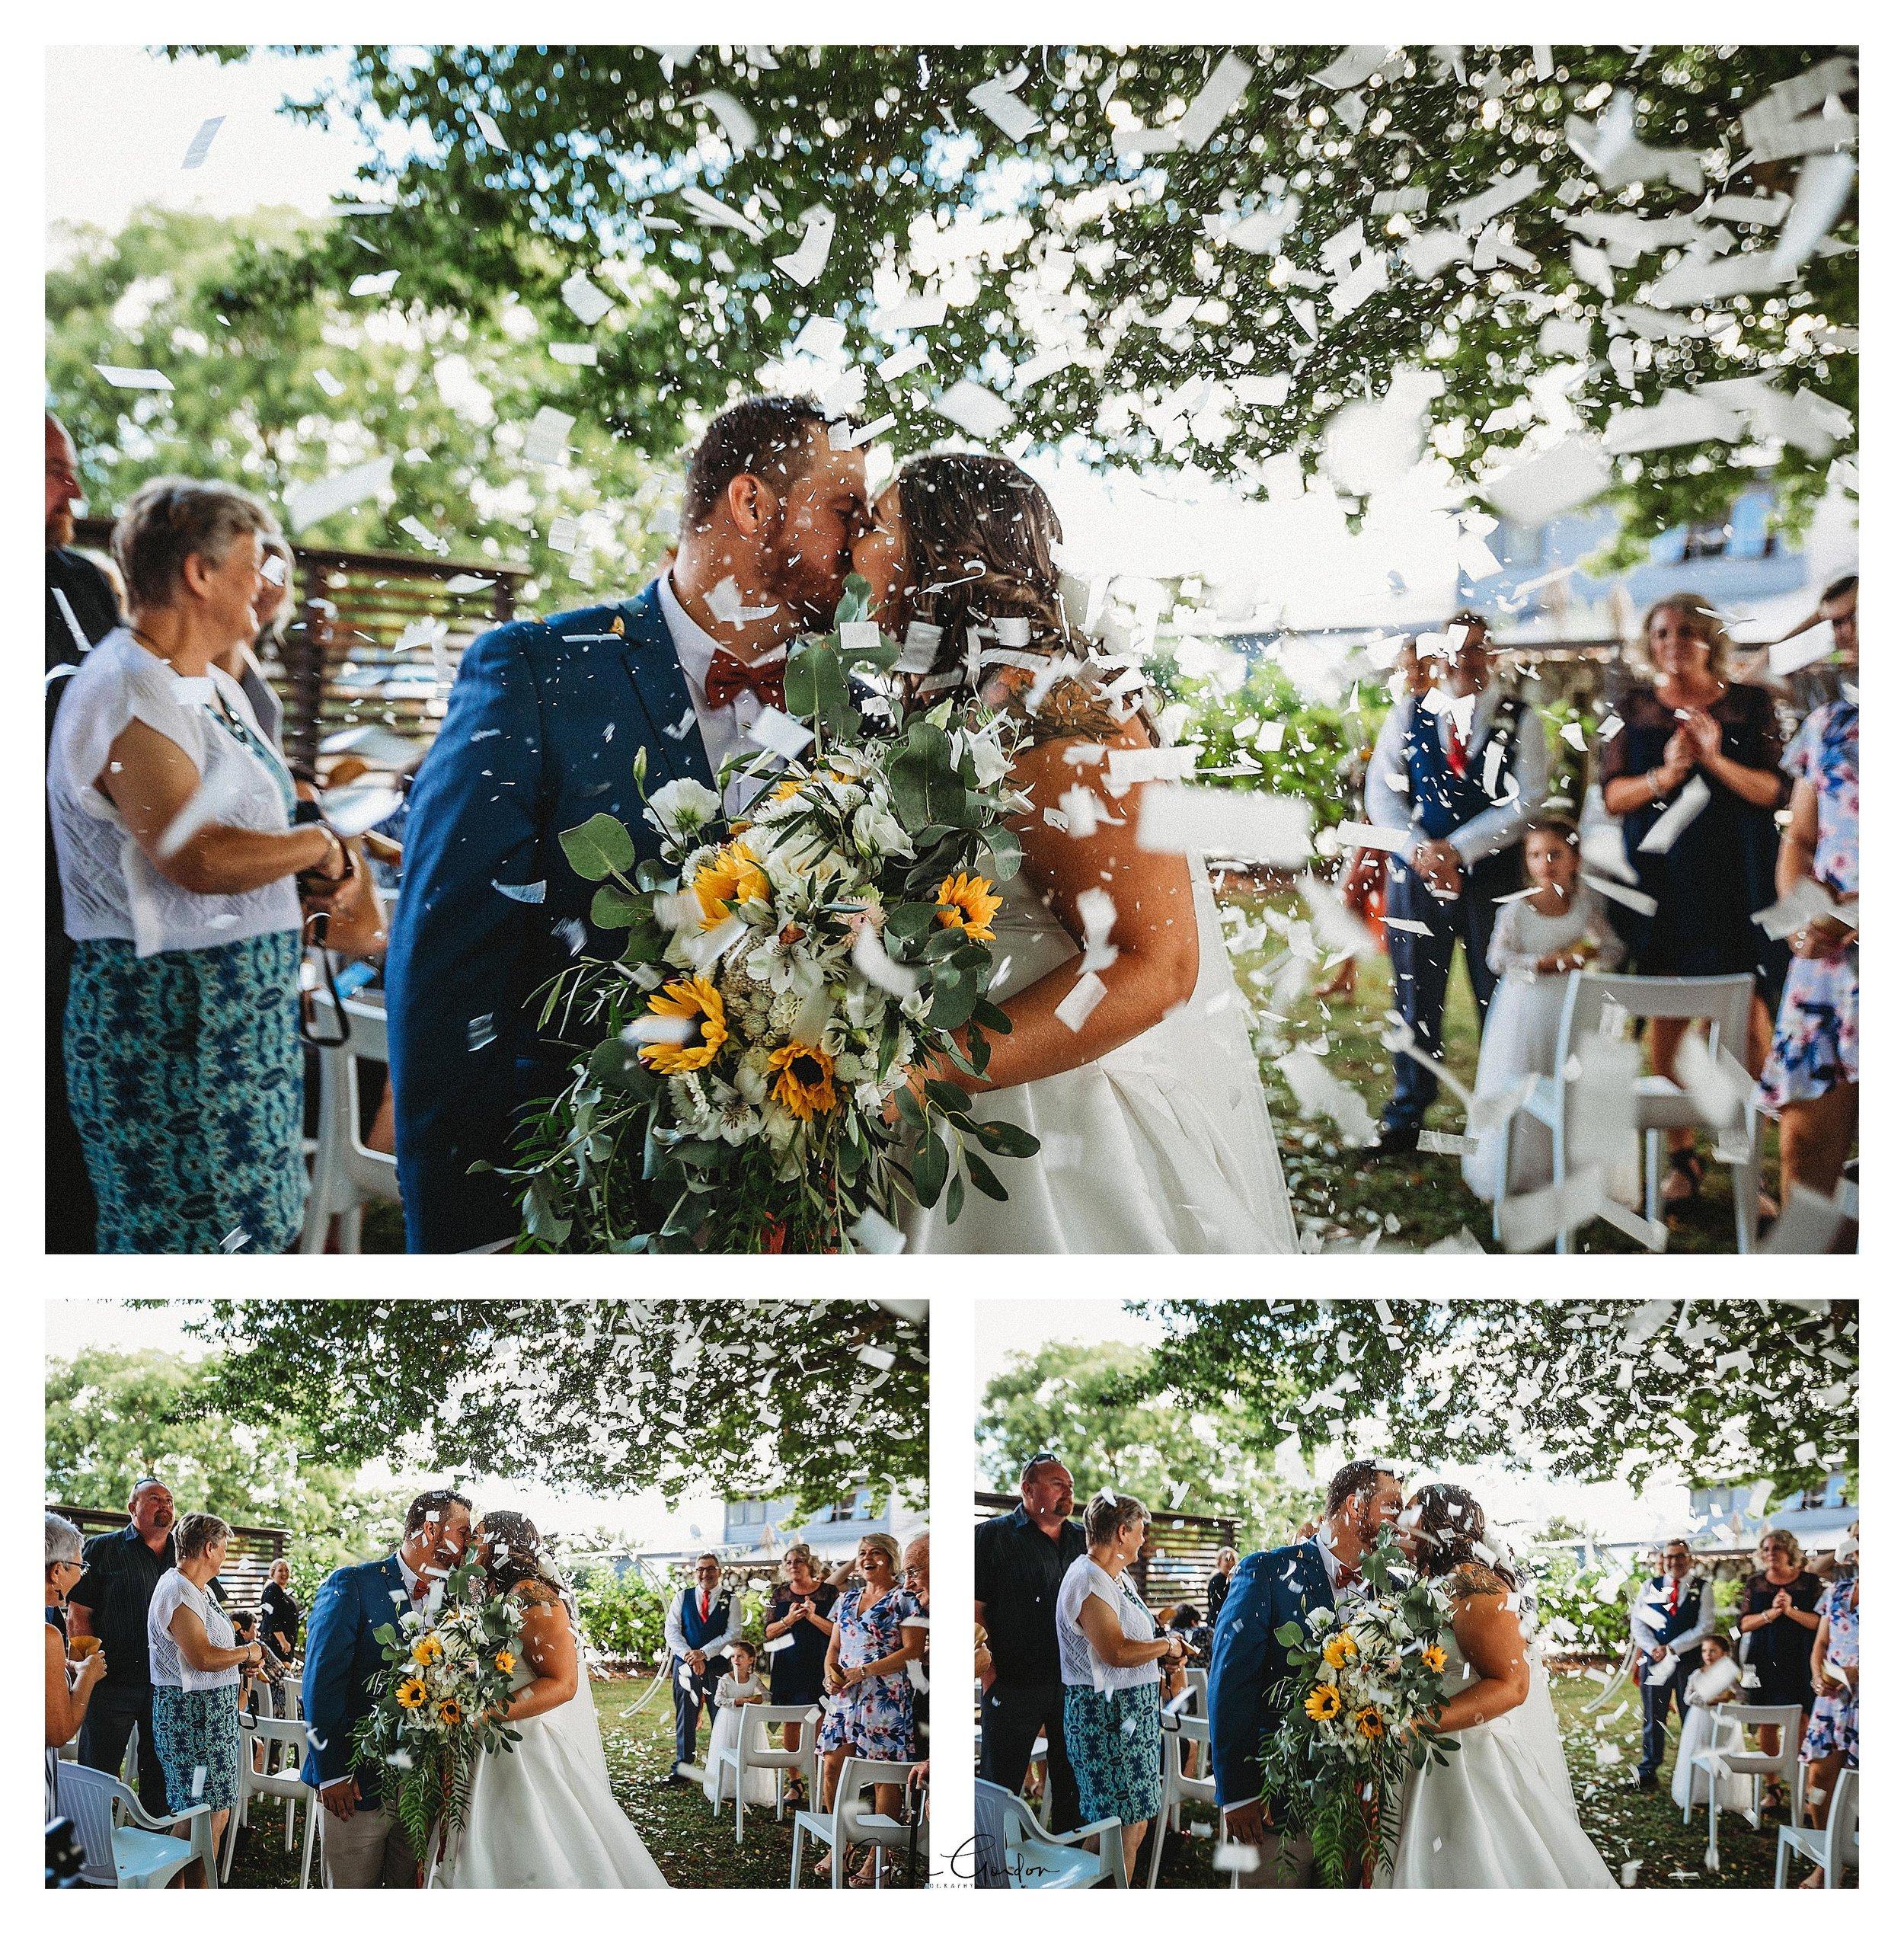 Confetti-canon-bride-and-groom-confetti-photo